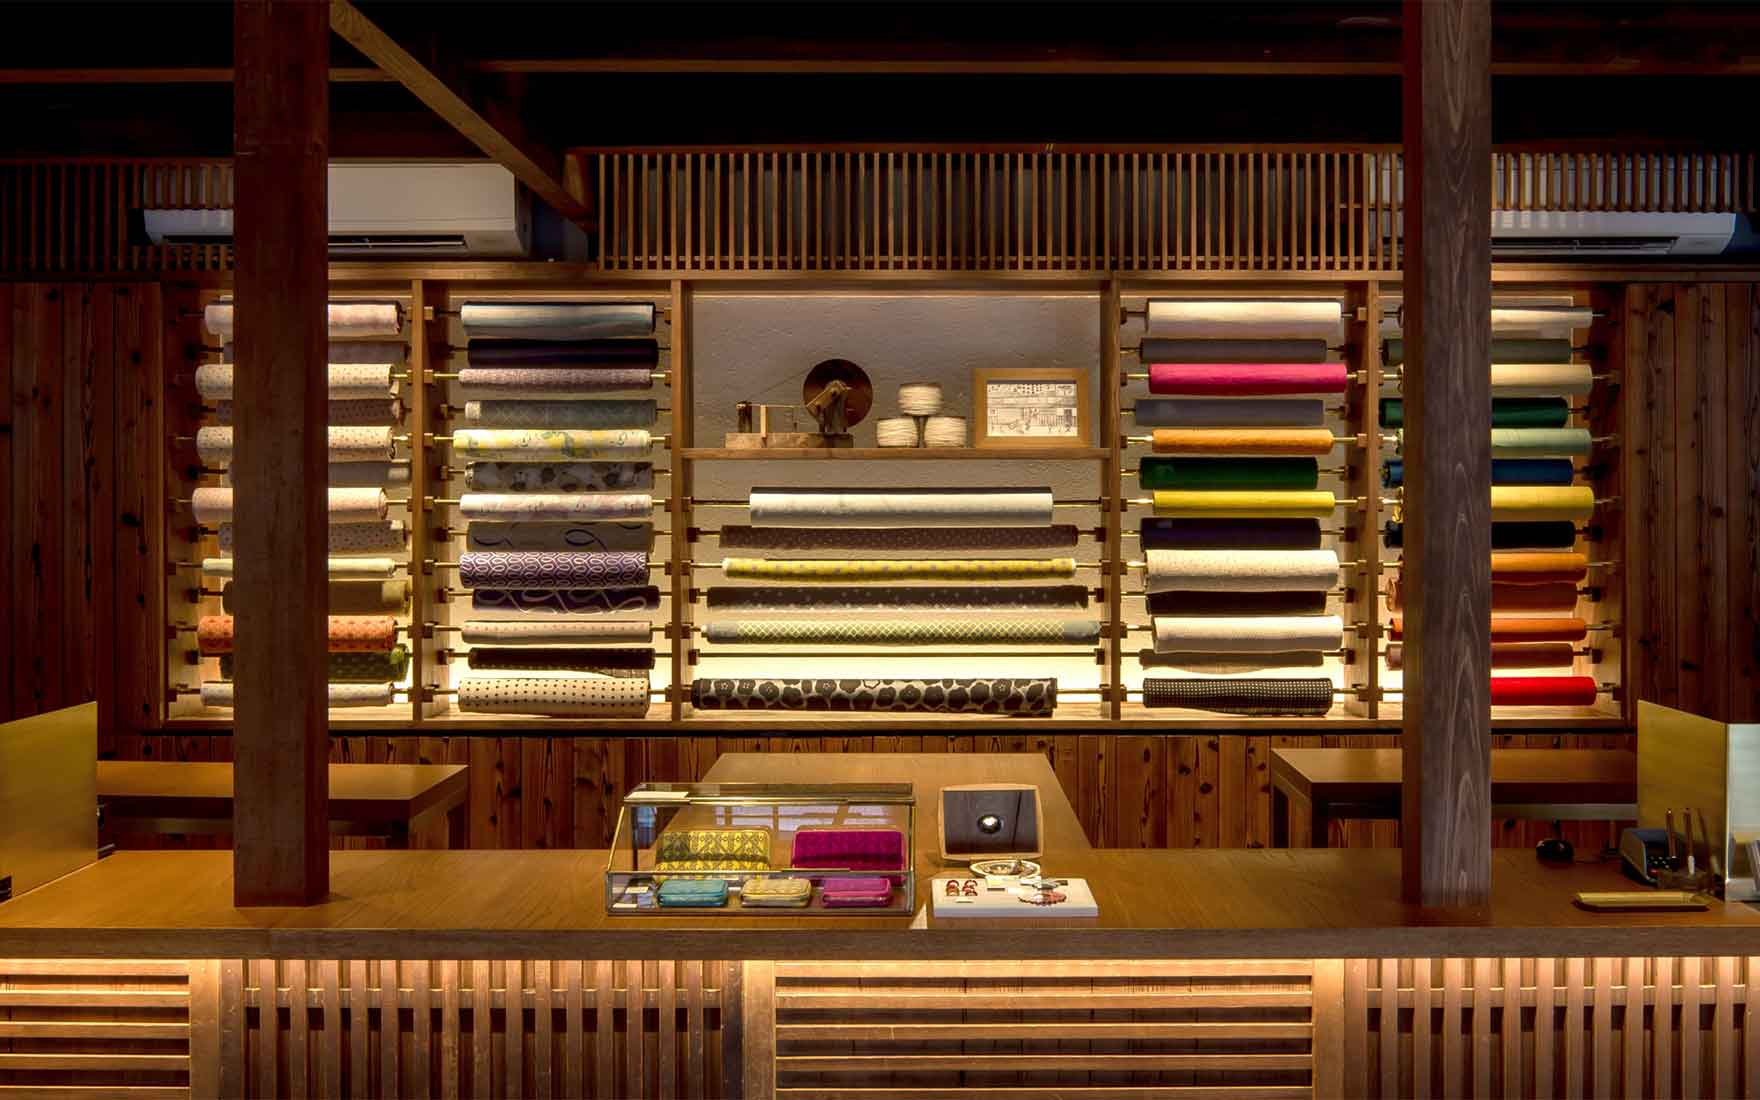 中川政七商店の謎を解く、6つの問いと1つの答え